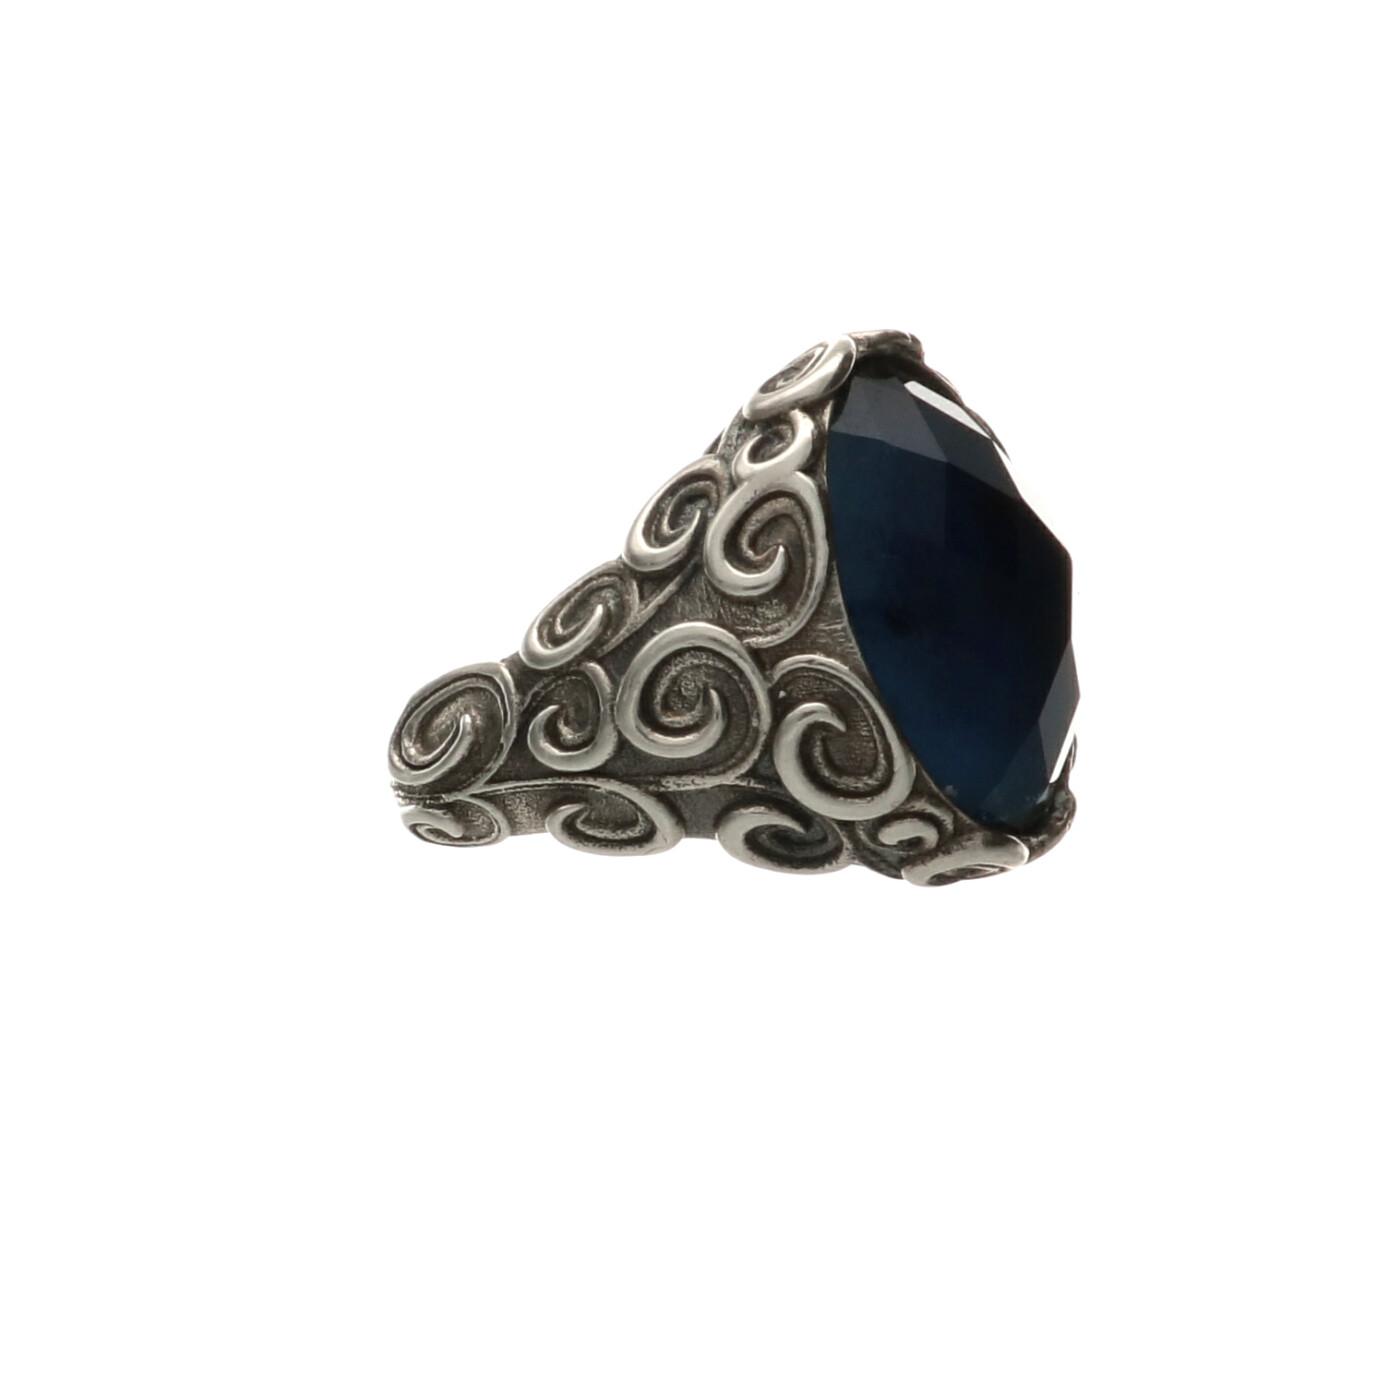 shop outlet online presa all'ingrosso Anello in argento con pietra naturale - Spadarella